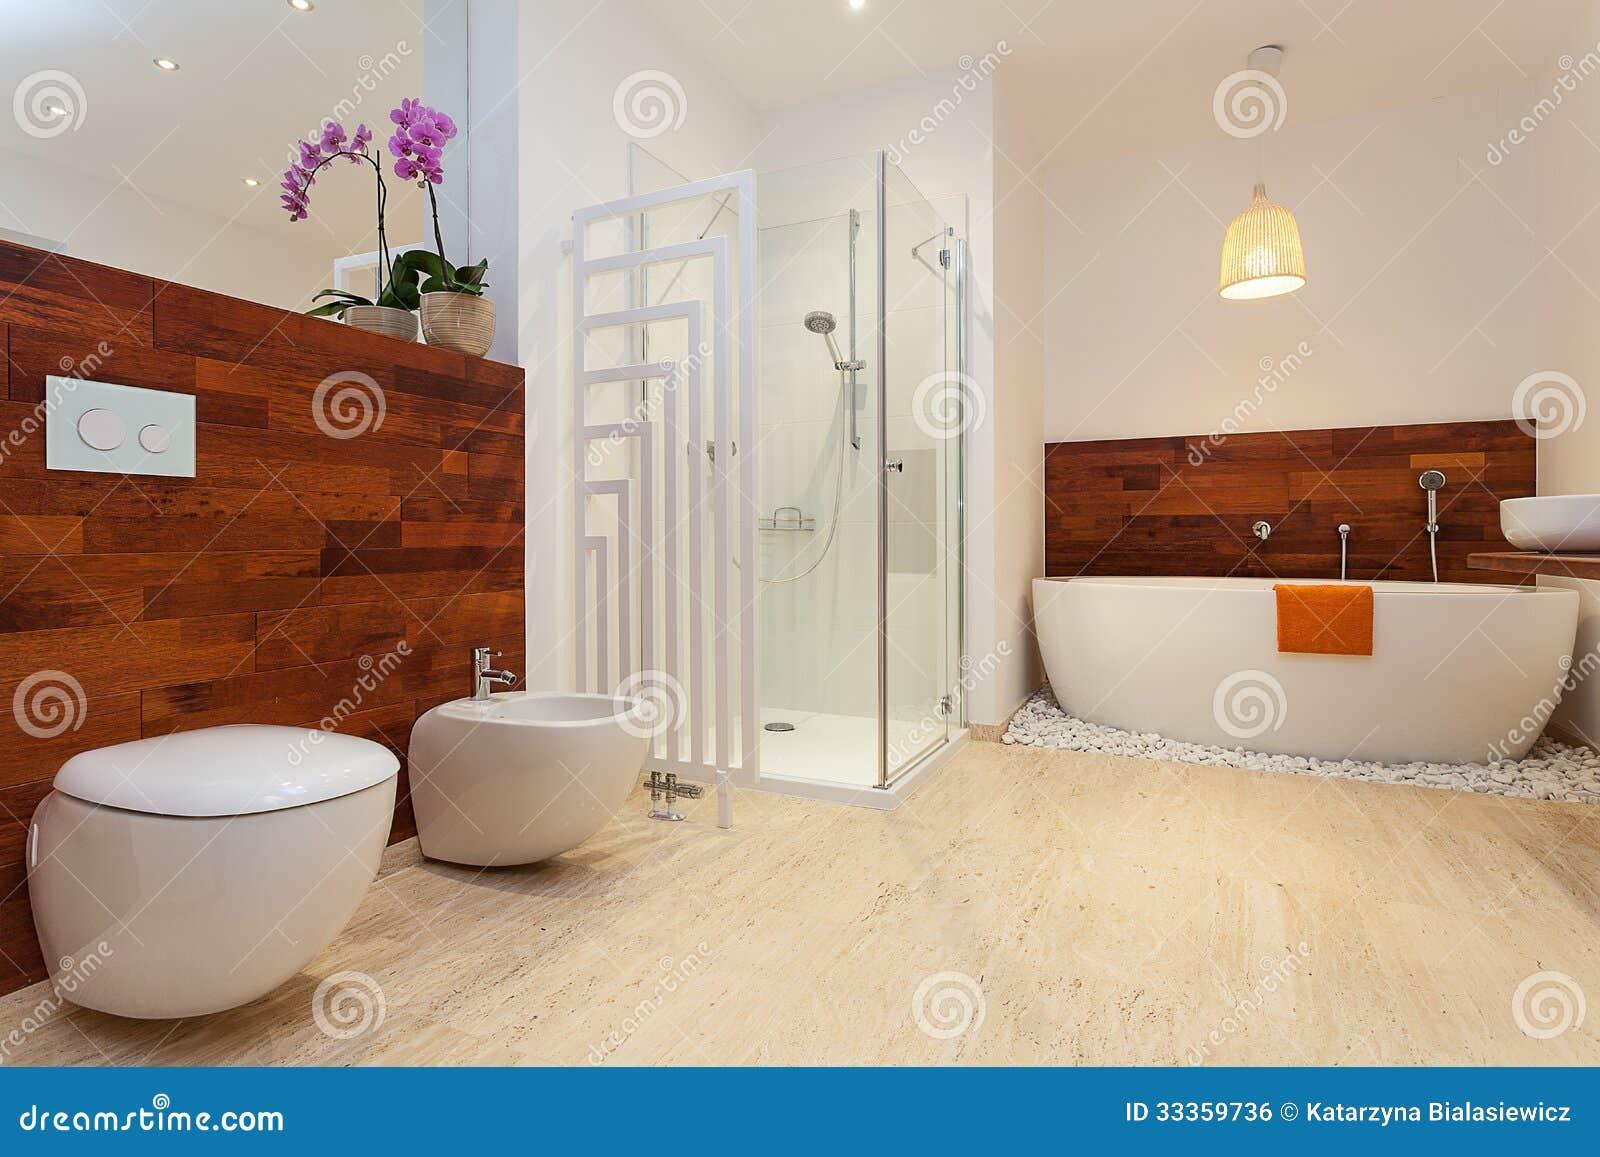 Moderne warme badkamers stock foto afbeelding bestaande uit tapkraan 33359736 - Warme badkamer ...